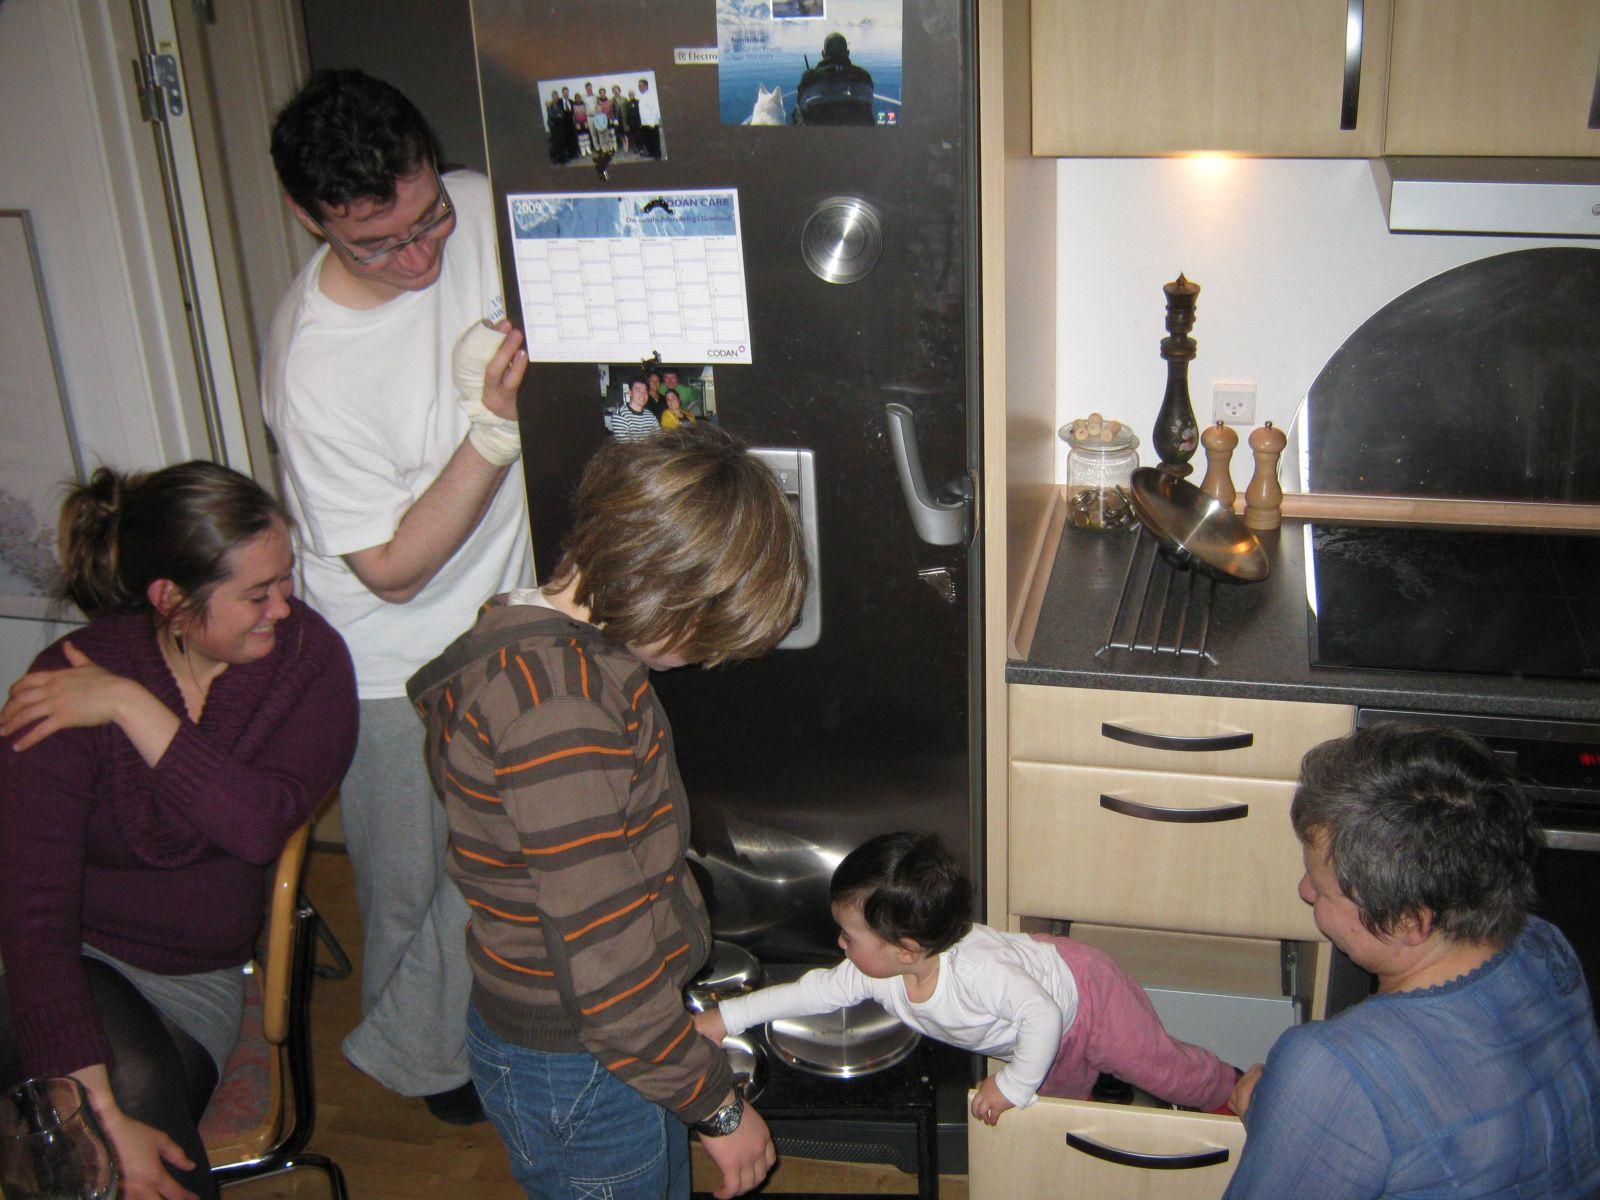 2009-10-31-1946_Jesper Eugenius Labansen; Maritha Eugenius Labansen; Mette Labansen; Qupanuk Eugenius Labansen; Rum